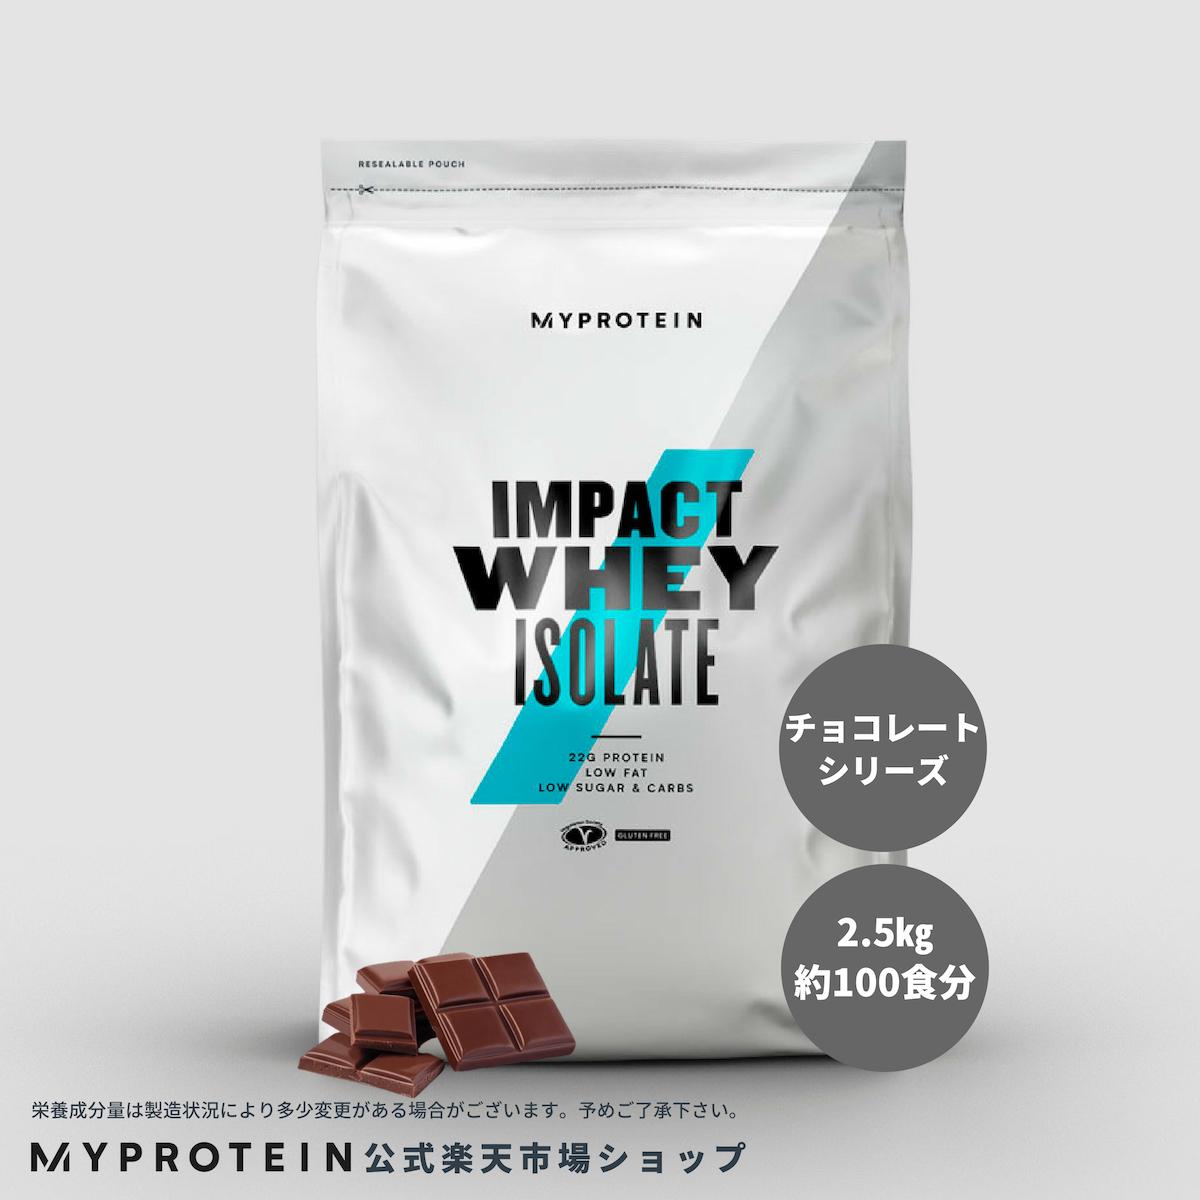 マイプロテイン 公式 【MyProtein】 Impact ホエイ アイソレート (WPI)(チョコレートシリーズ) 2.5kg 約100食分| プロテイン ホエイプロテイン ダイエット ボディーメイク 低脂肪 グルタミン BCAA アイソ 【楽天海外直送】